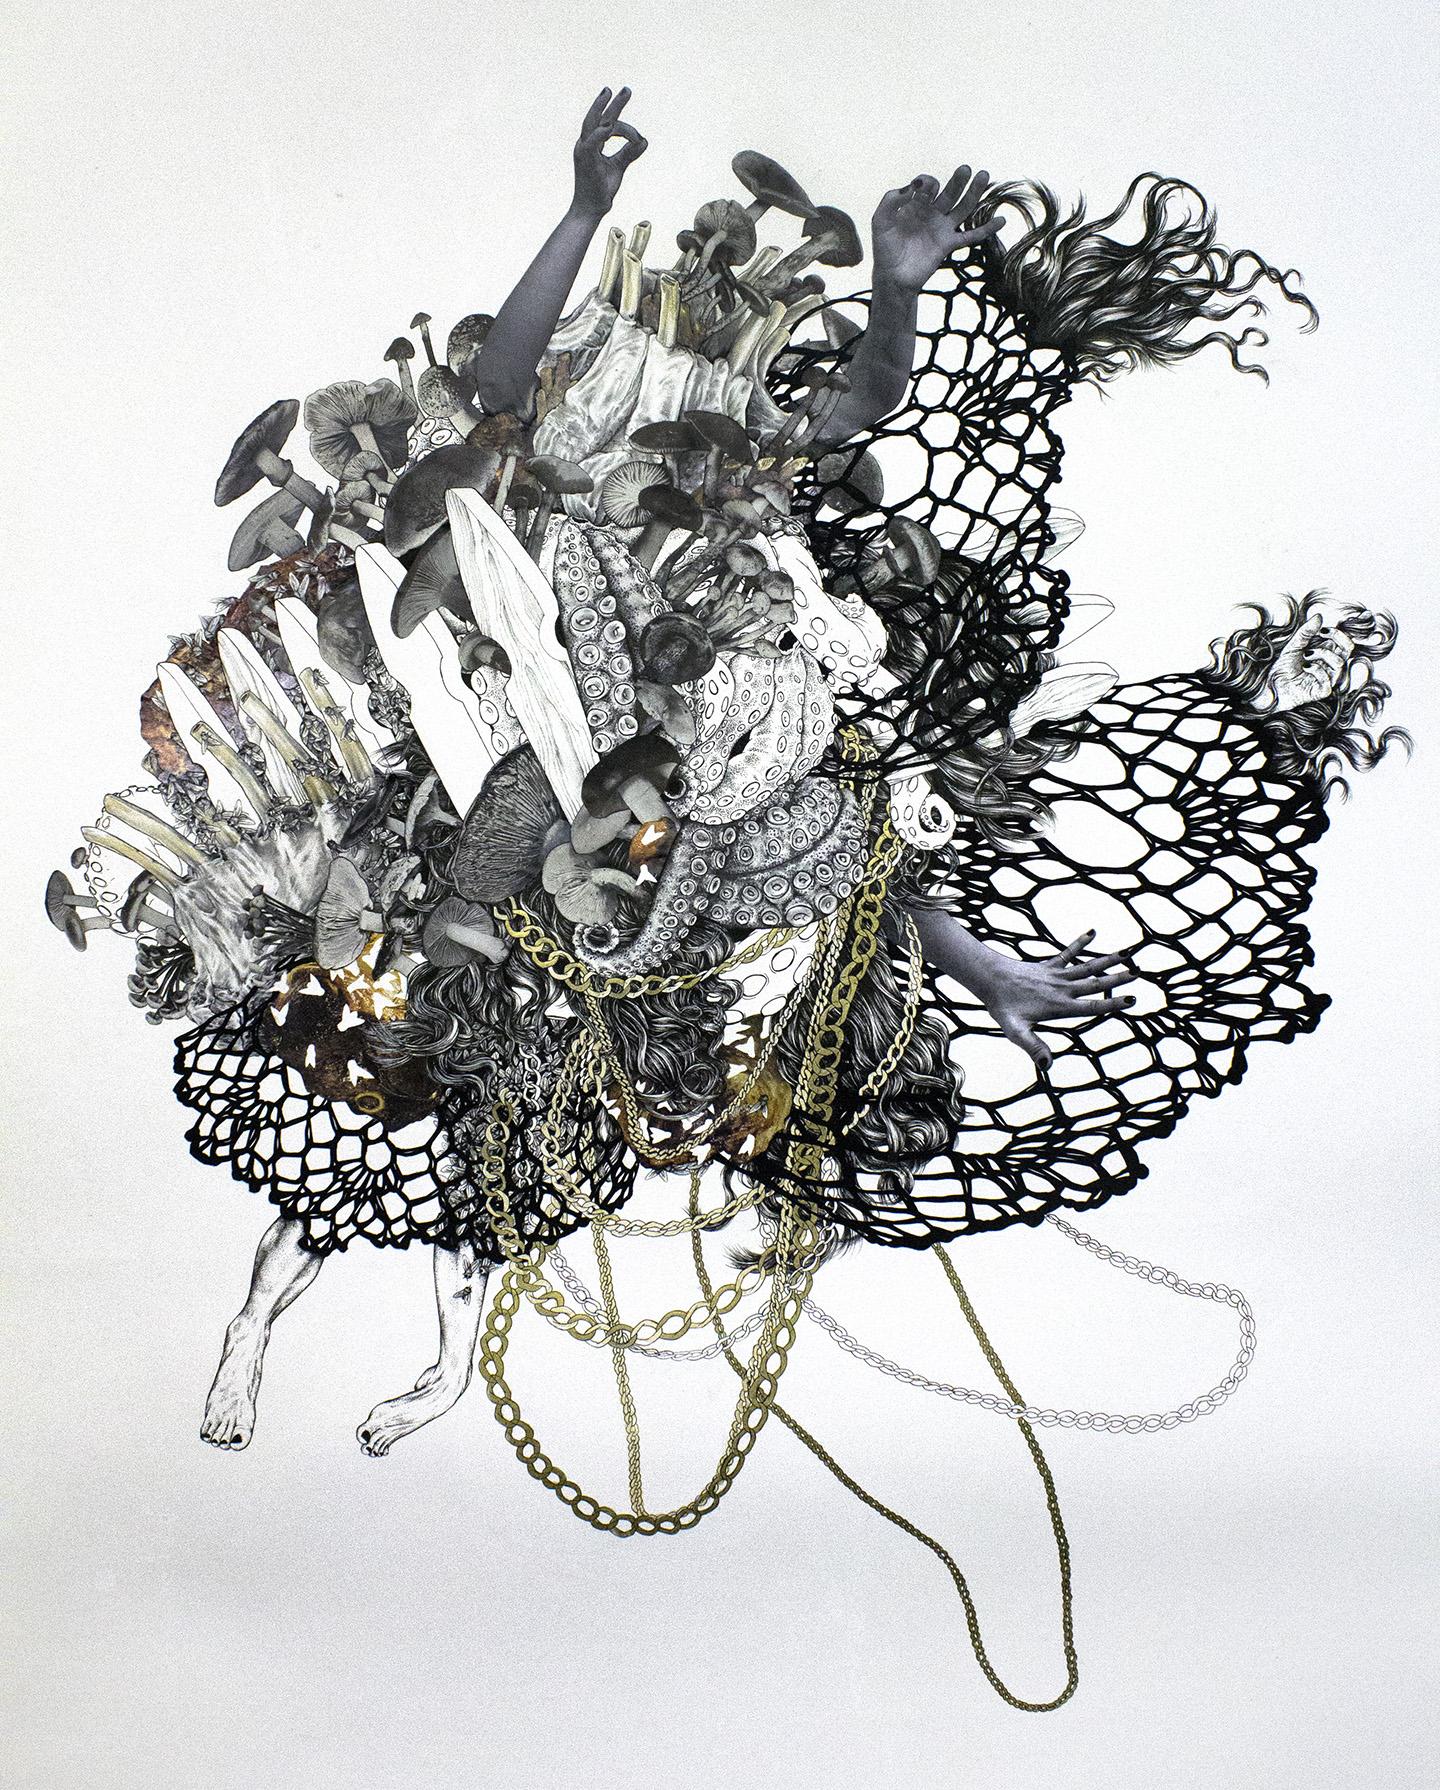 Untitled (9 Chainz)